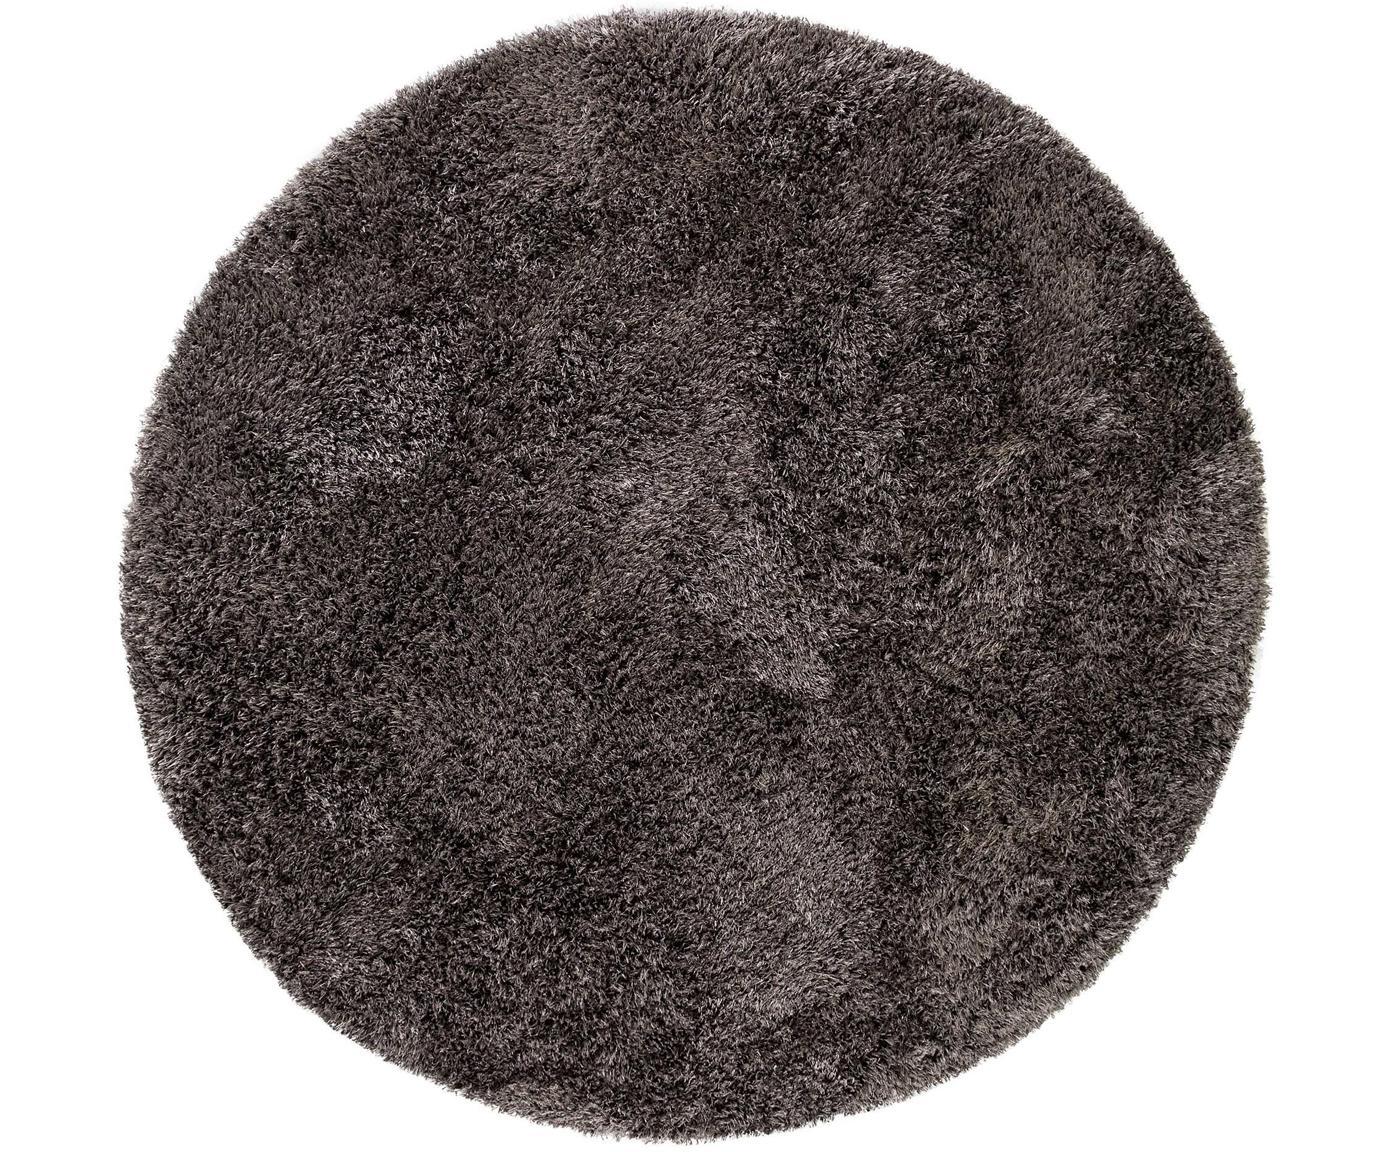 Tappeto a pelo lungo effetto lucido Lea, 50% poliestere, 50% polipropilene, Antracite, Ø 120 cm (taglia S)